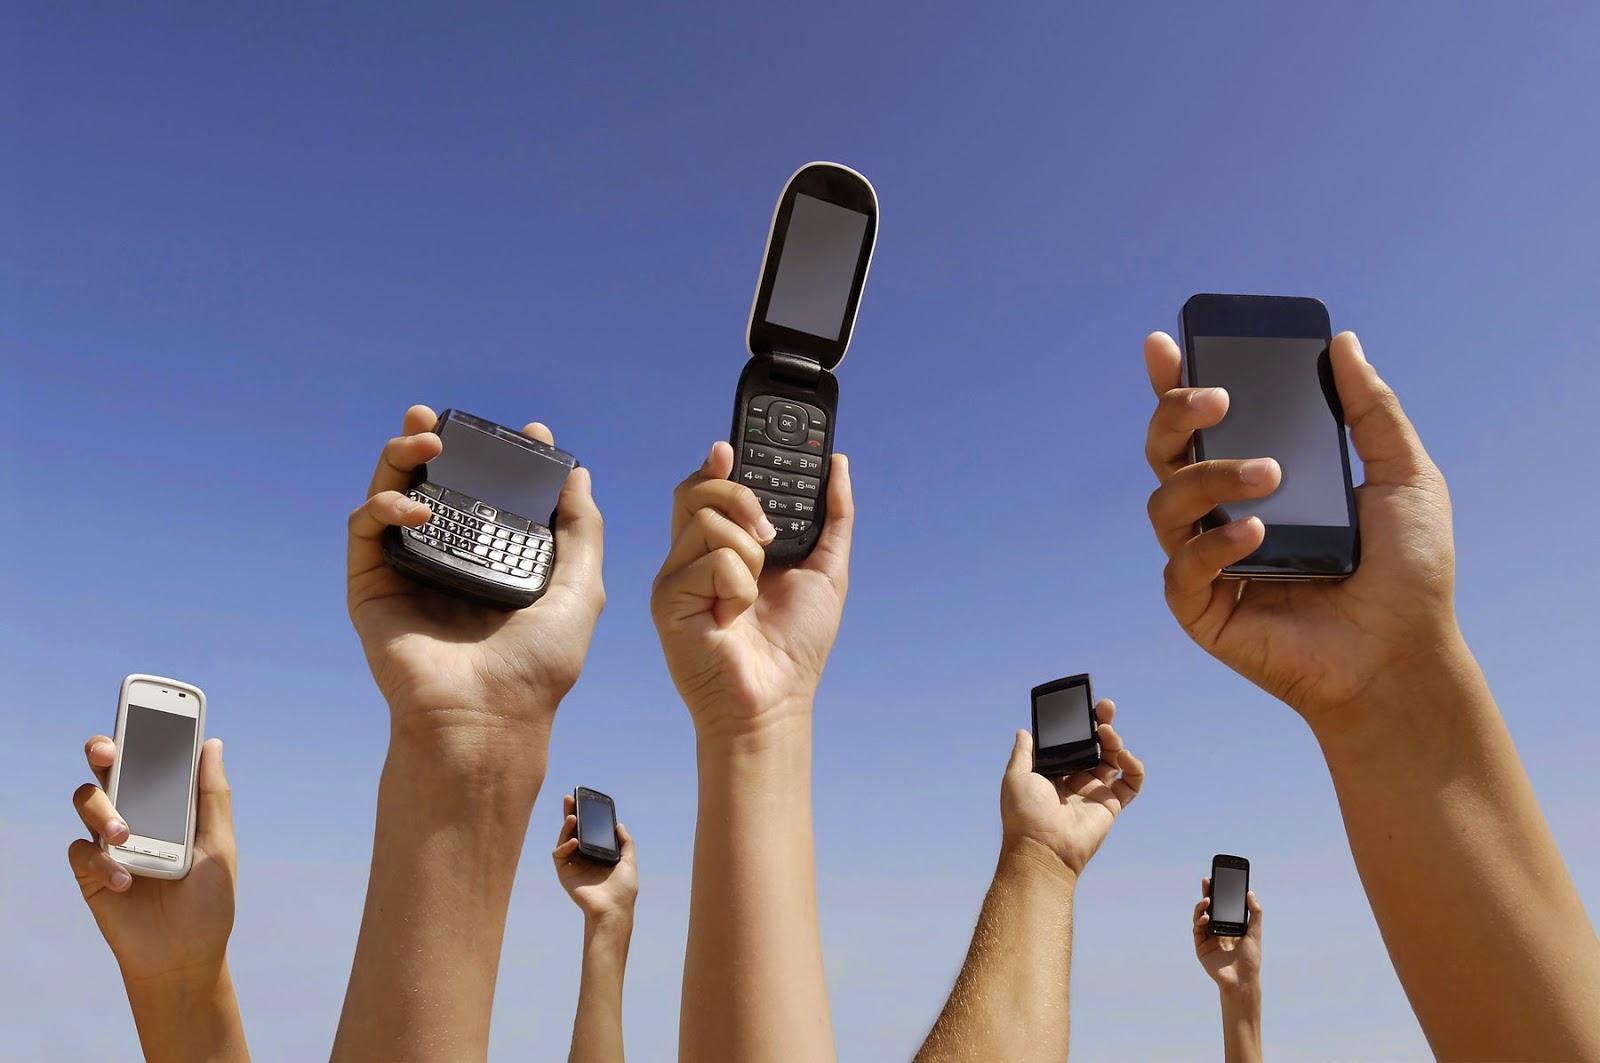 Geração celular: O que mudou após esse advento tecnológico?